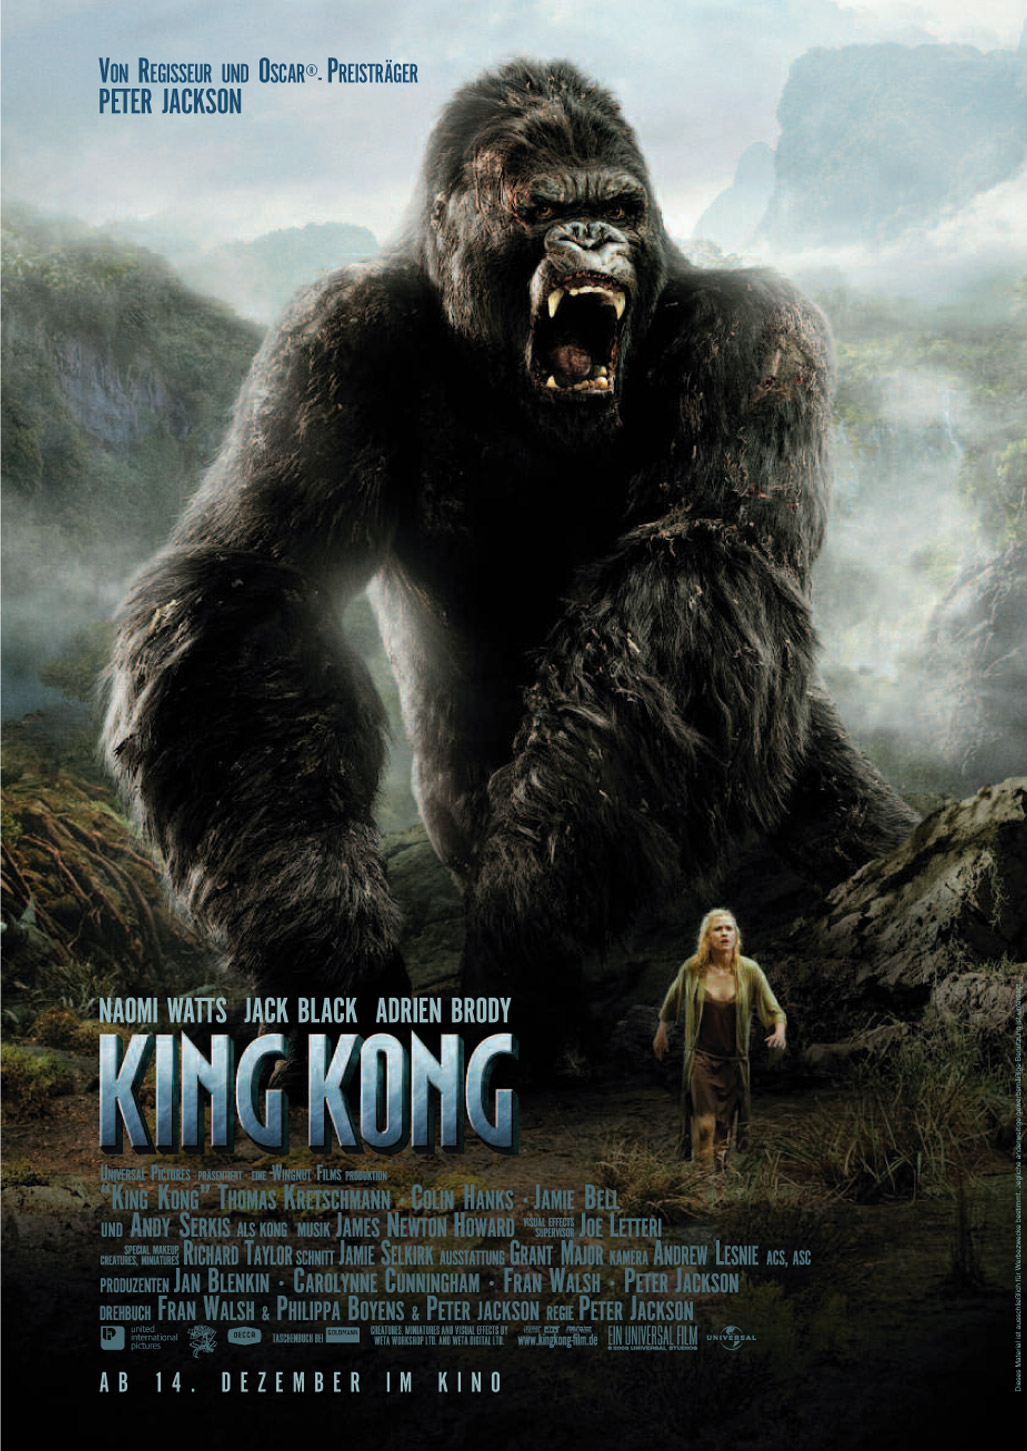 ピーター・ジャクソン監督のキング・コングという映画